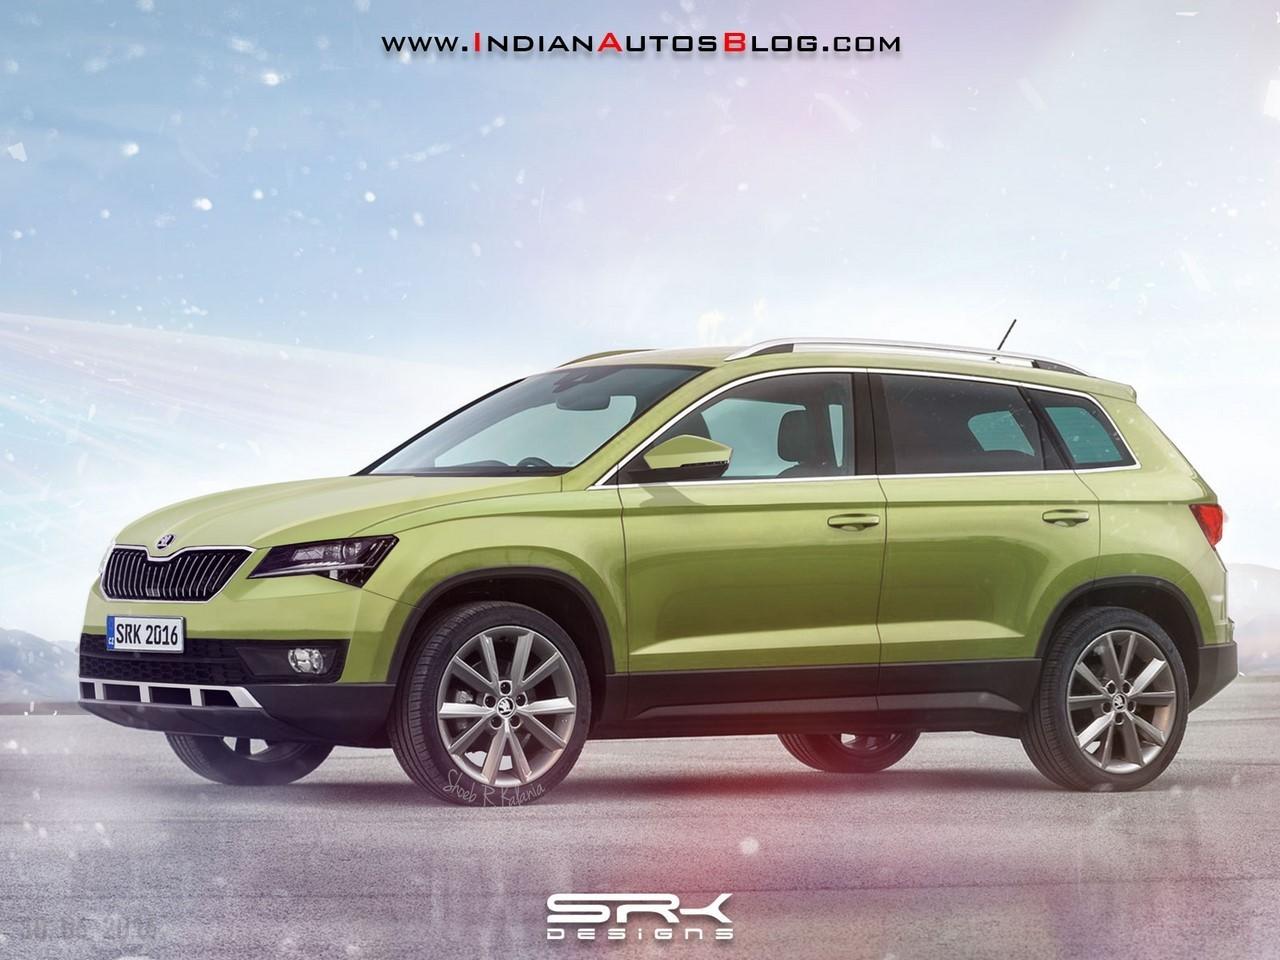 Skoda-compact-SUV-rendering